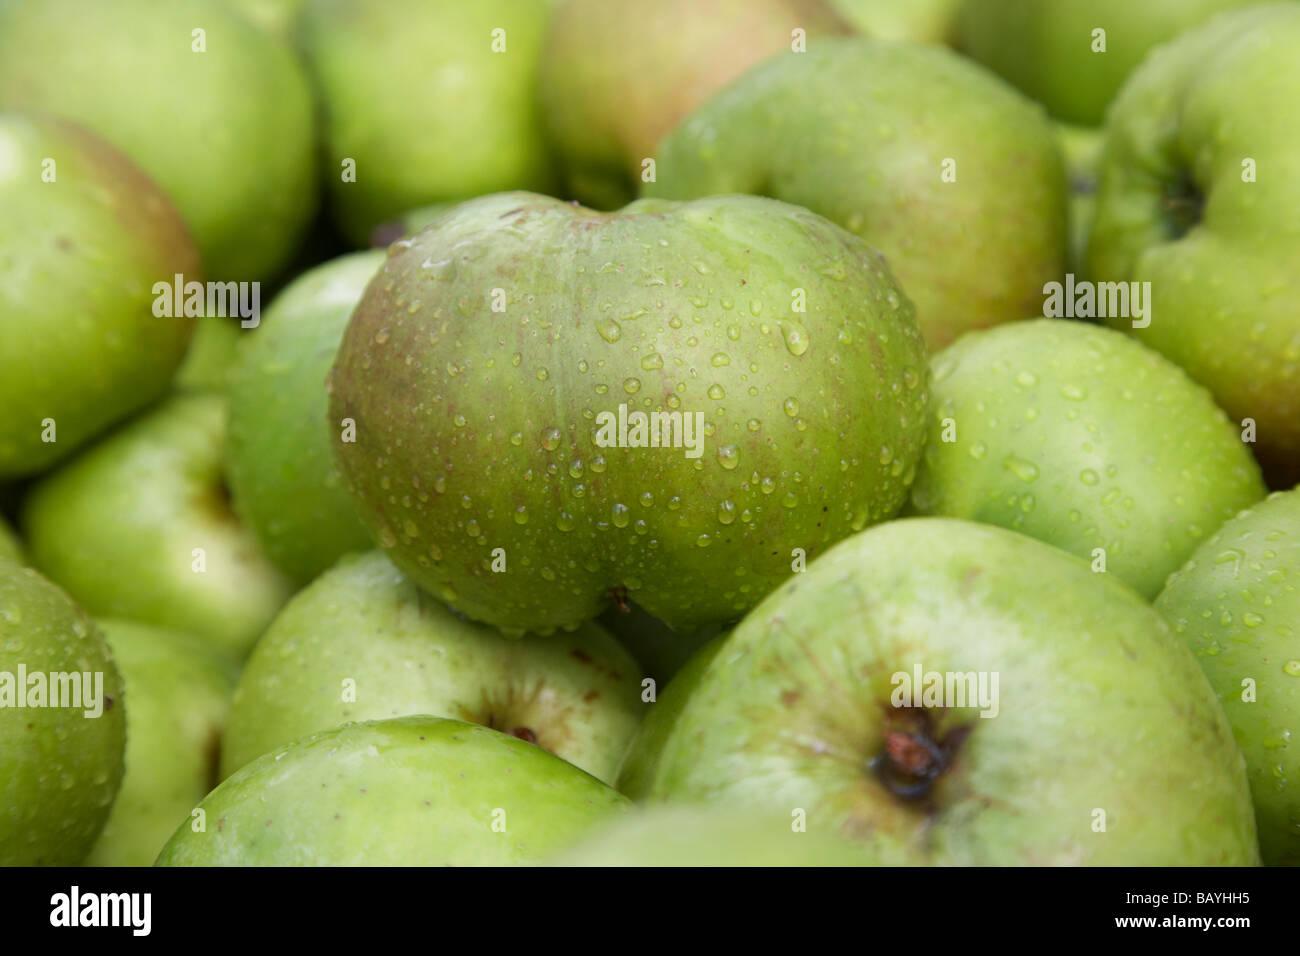 Malus domestica Bramley Seeling prodotto apple di armagh bramley mele Immagini Stock